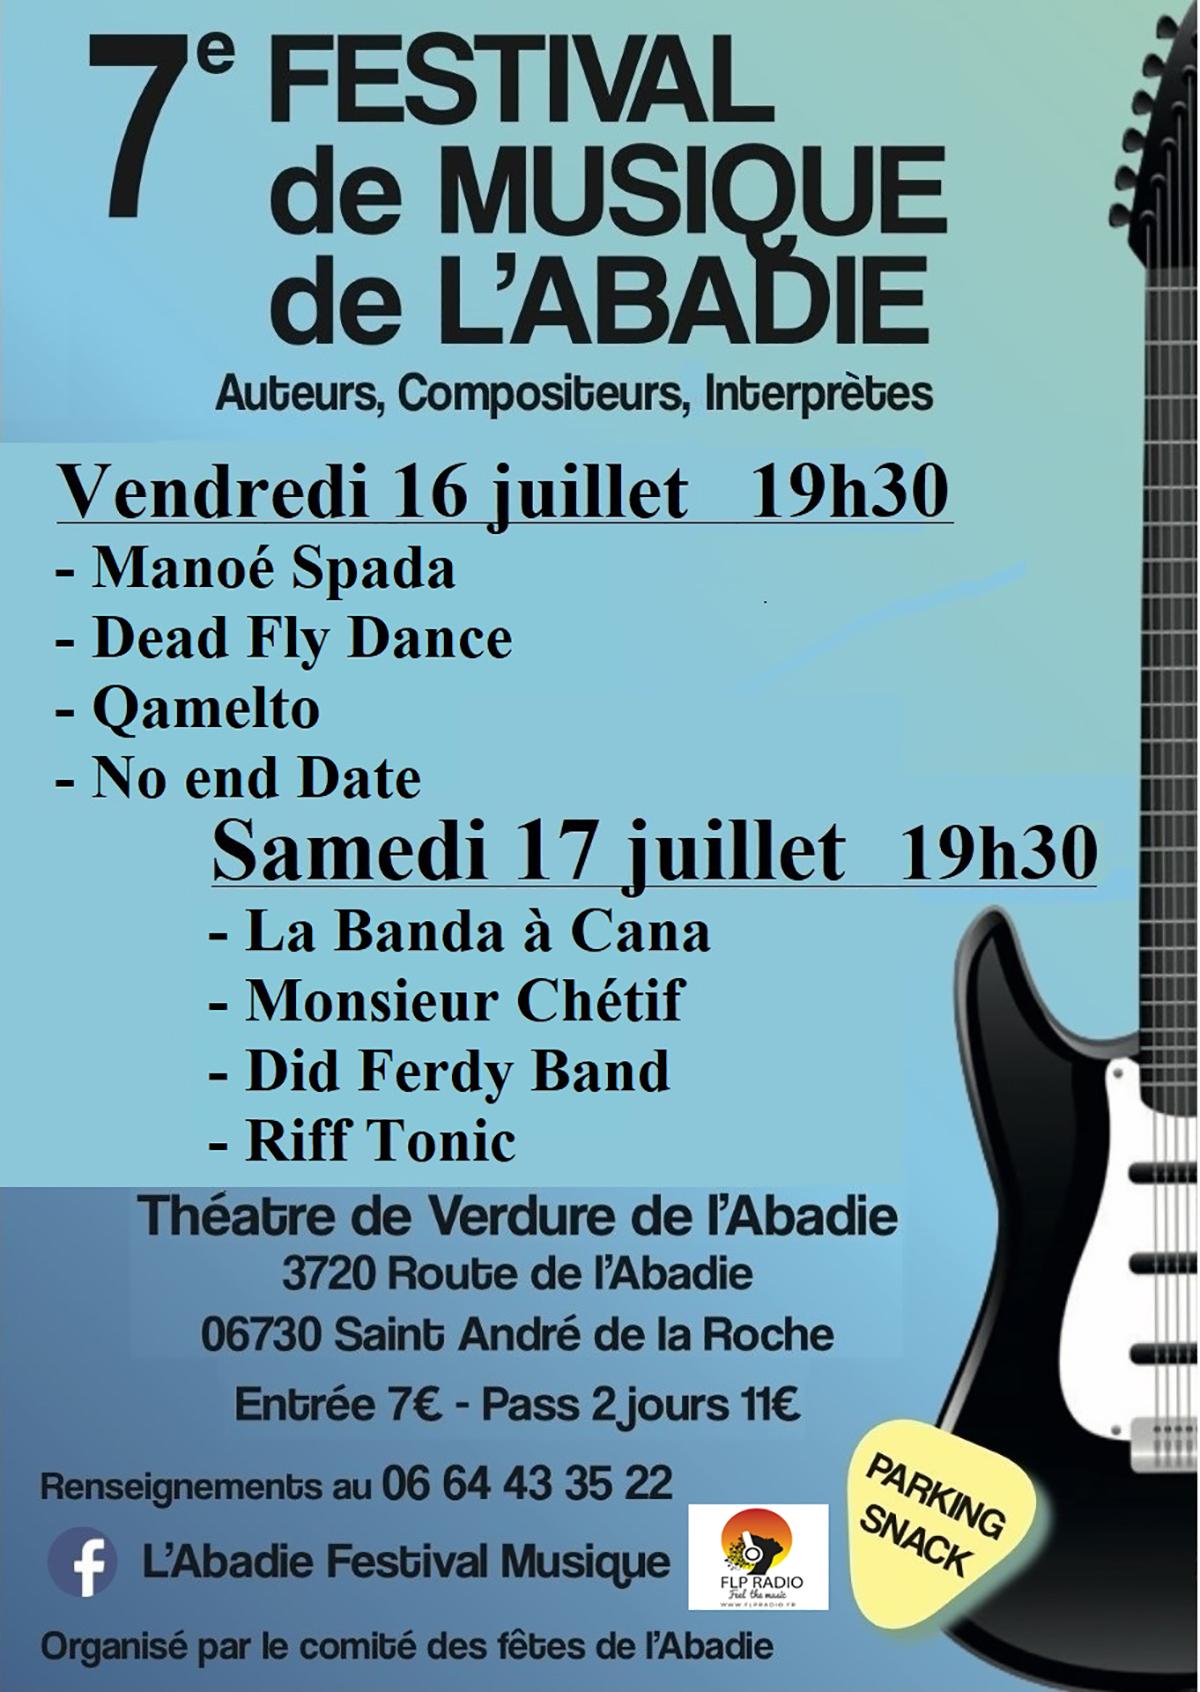 7e Festival de Musique de l'Abadie